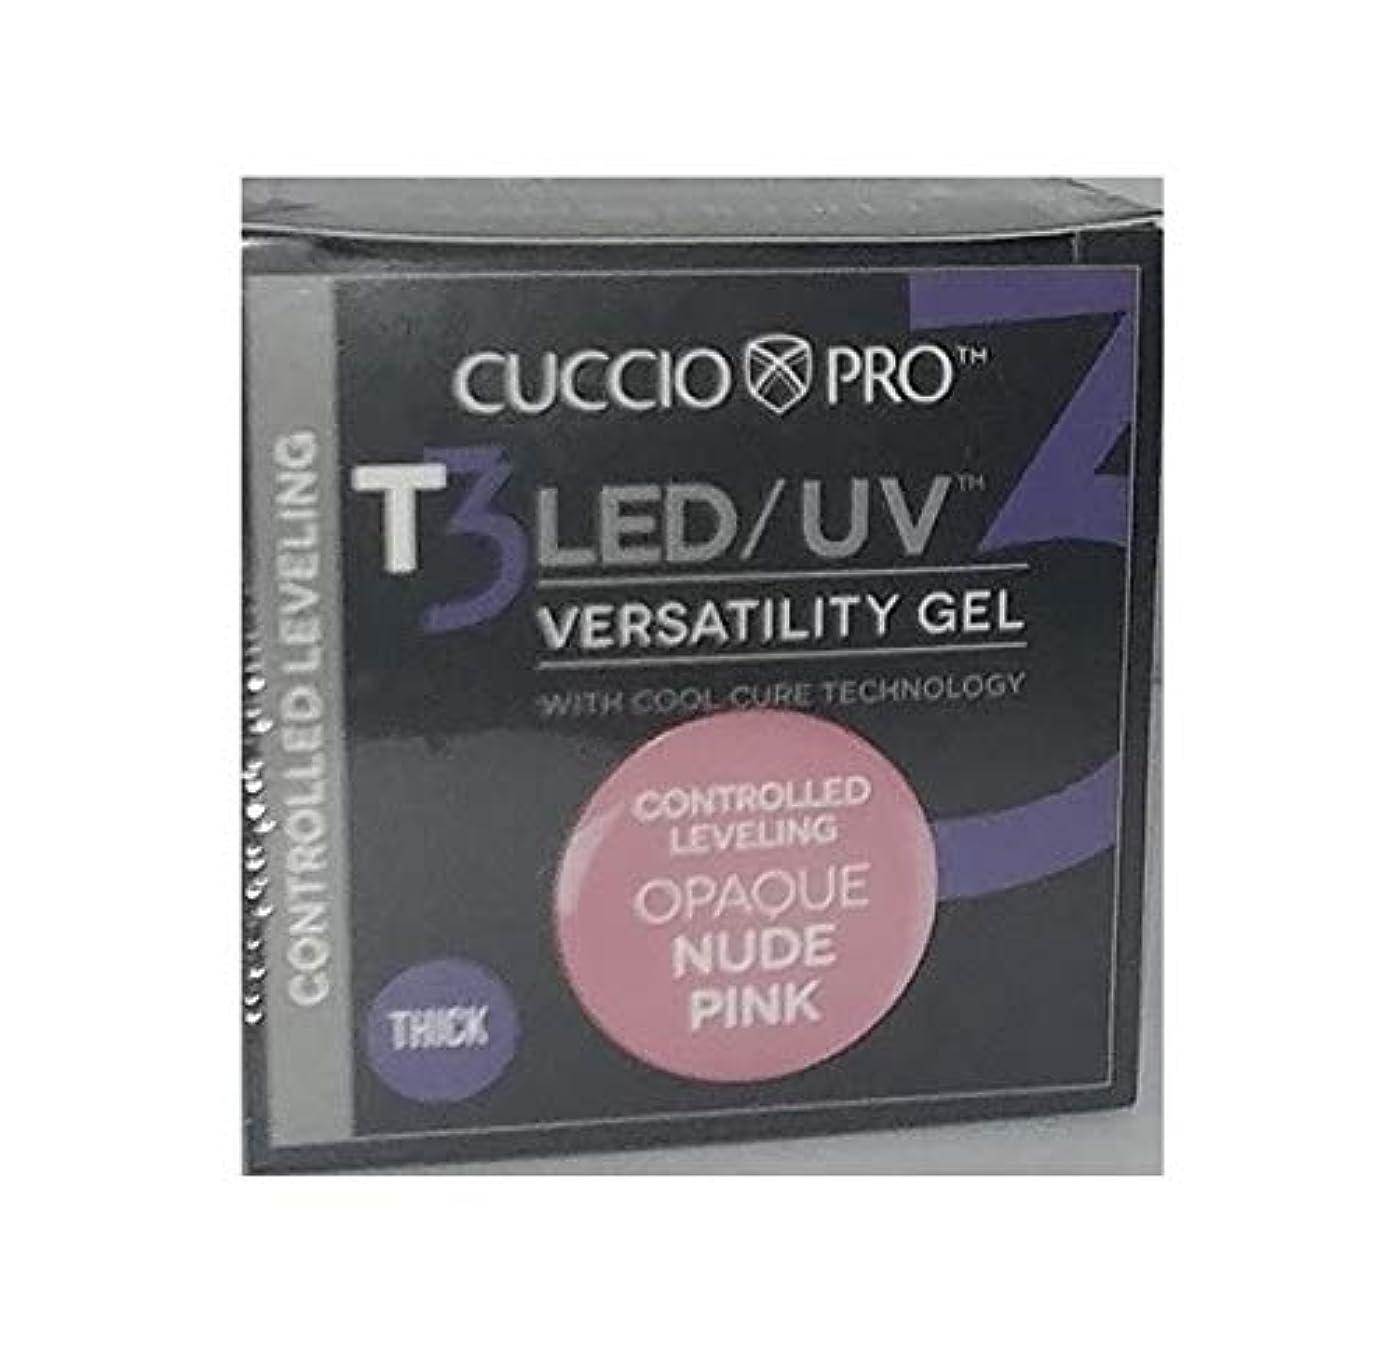 バリケード不機嫌かけがえのないCuccio Pro - T3 LED/UV Gel - Controlled Leveling - Opaque Nude Pink - 1 oz / 28 g